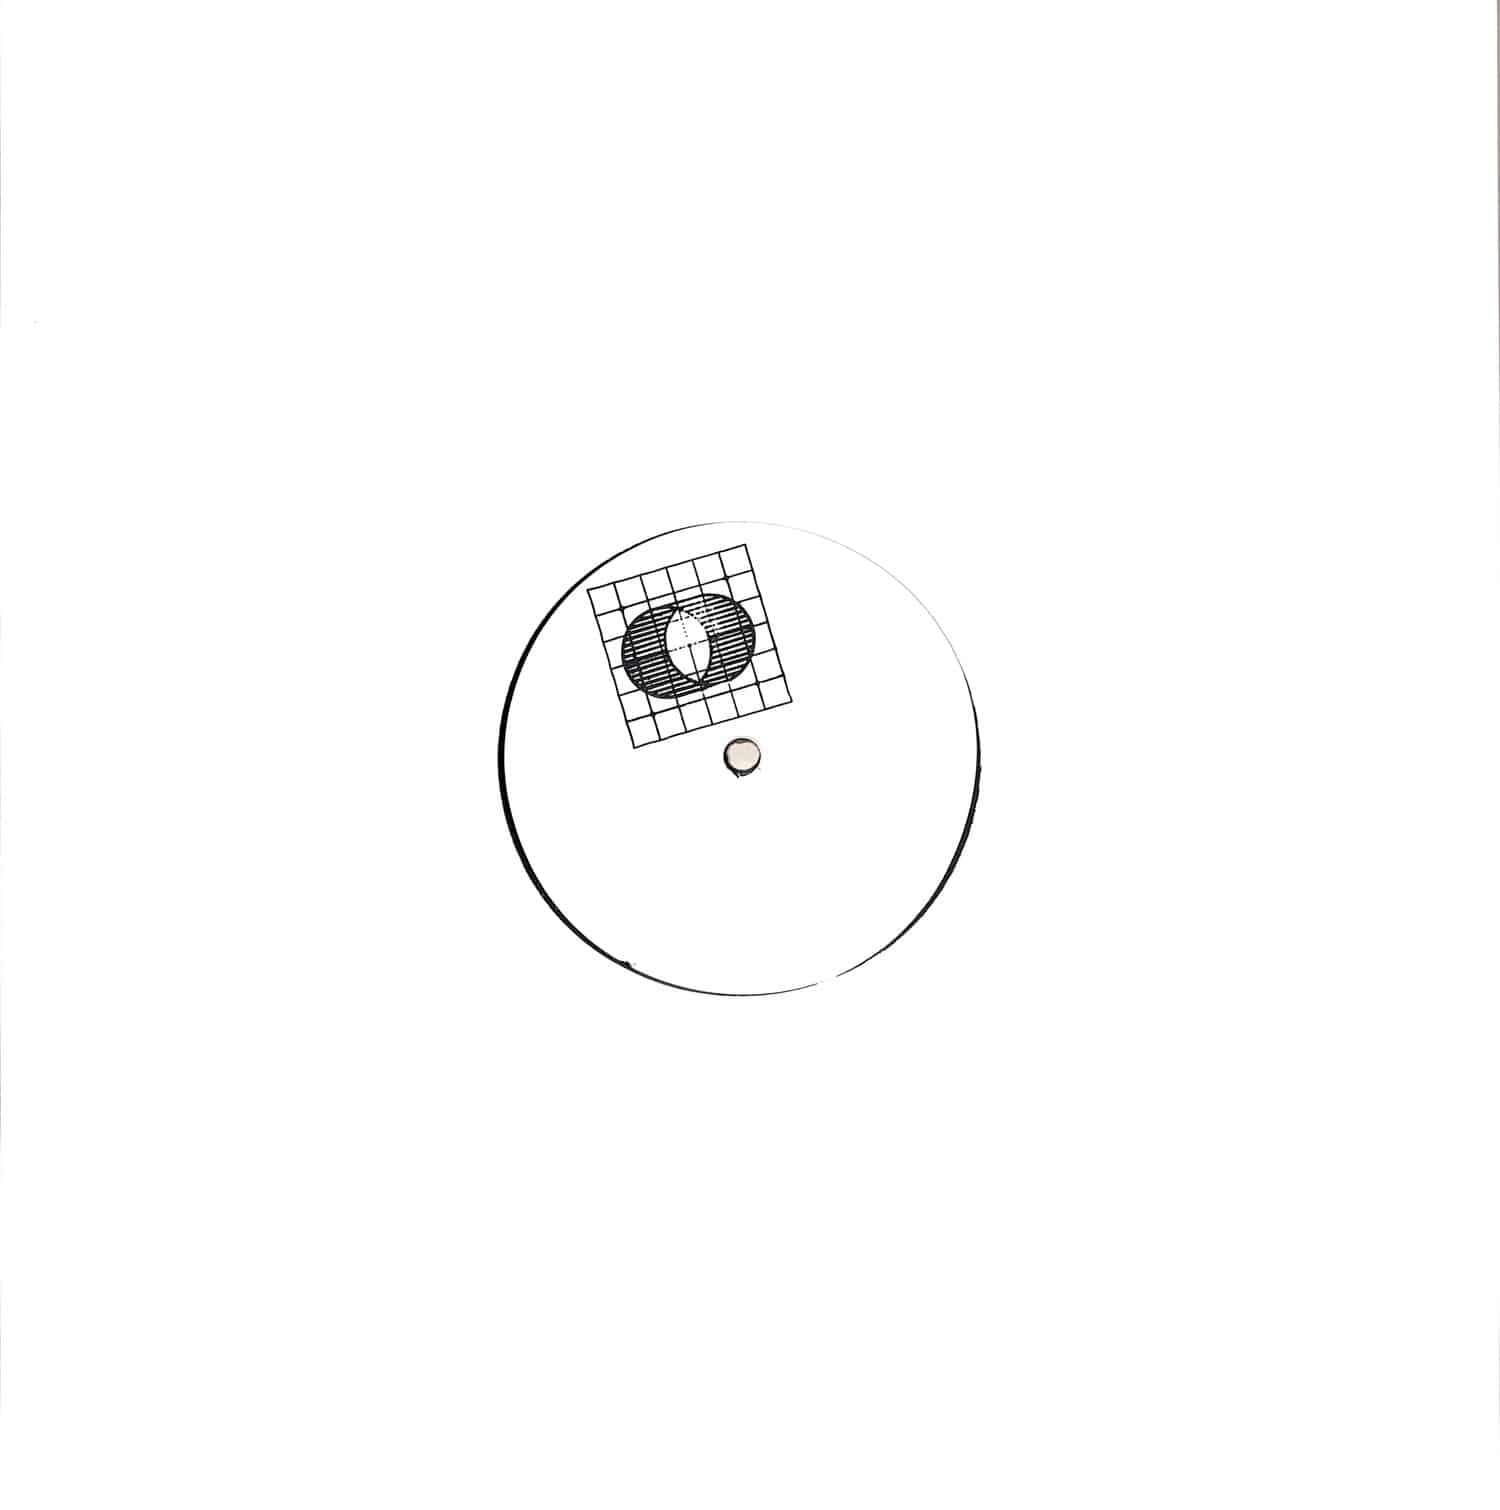 Chris Moss Acid - 5G WEAPONIZED BATS EP